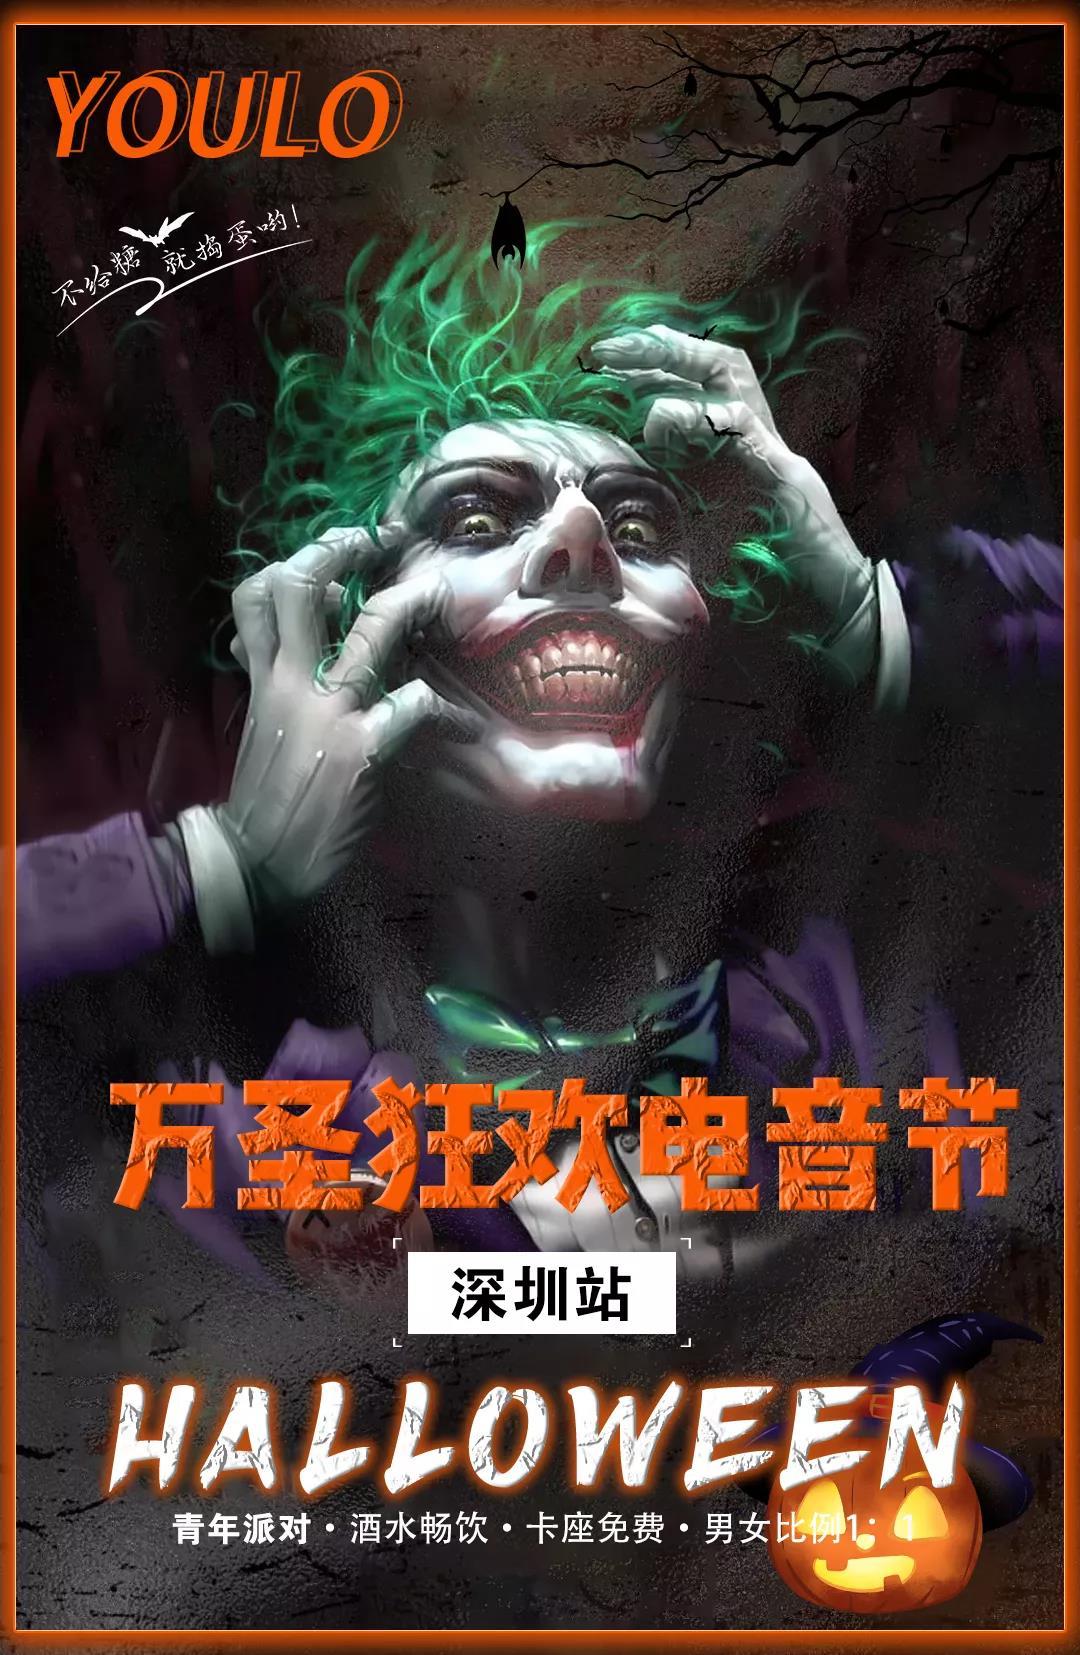 深圳YOULO万圣电音节